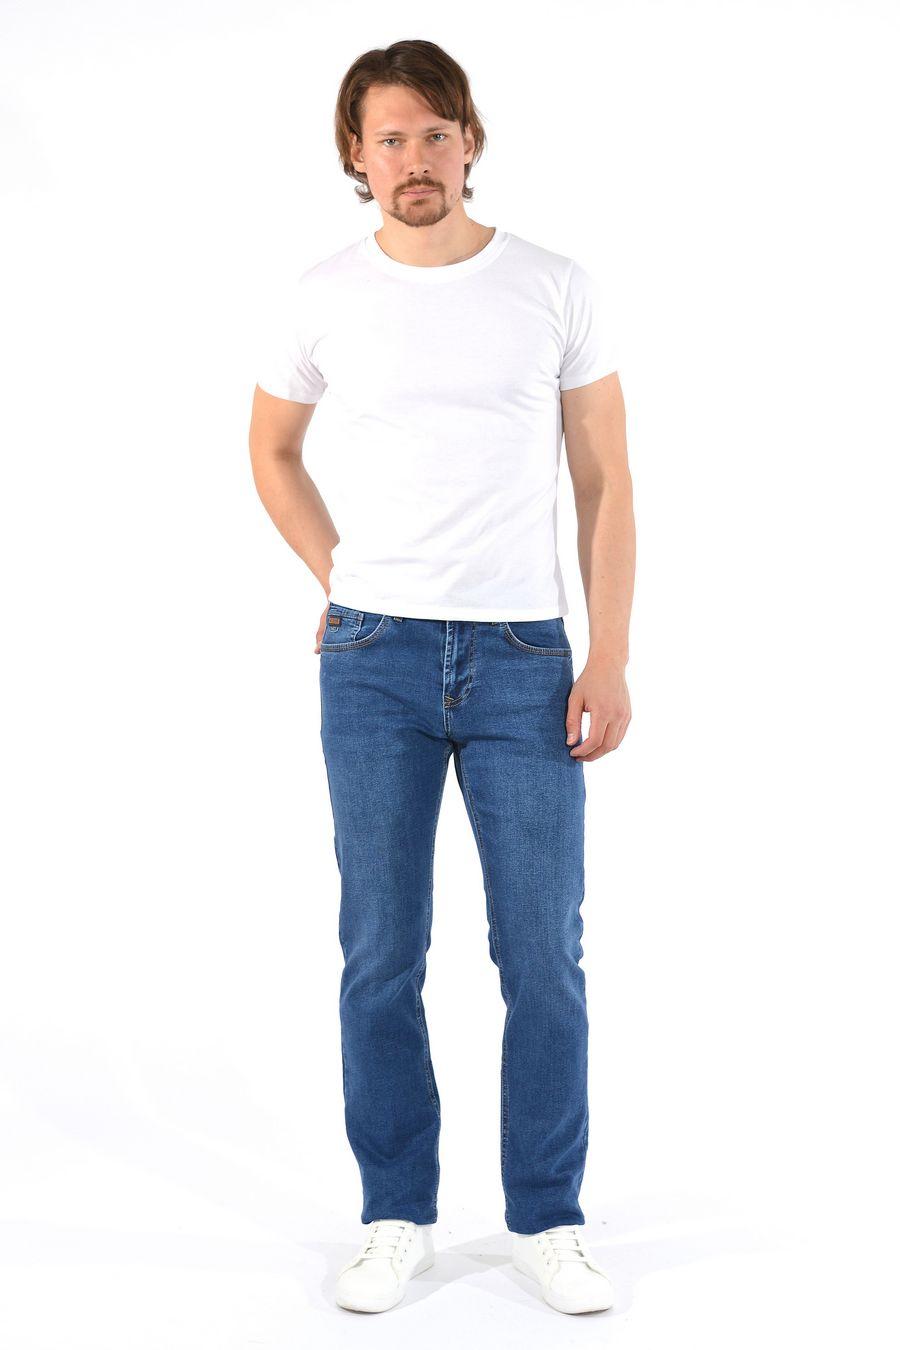 Джинсы мужские MAC Person 2903-12238 Mavi L38 - фото 1